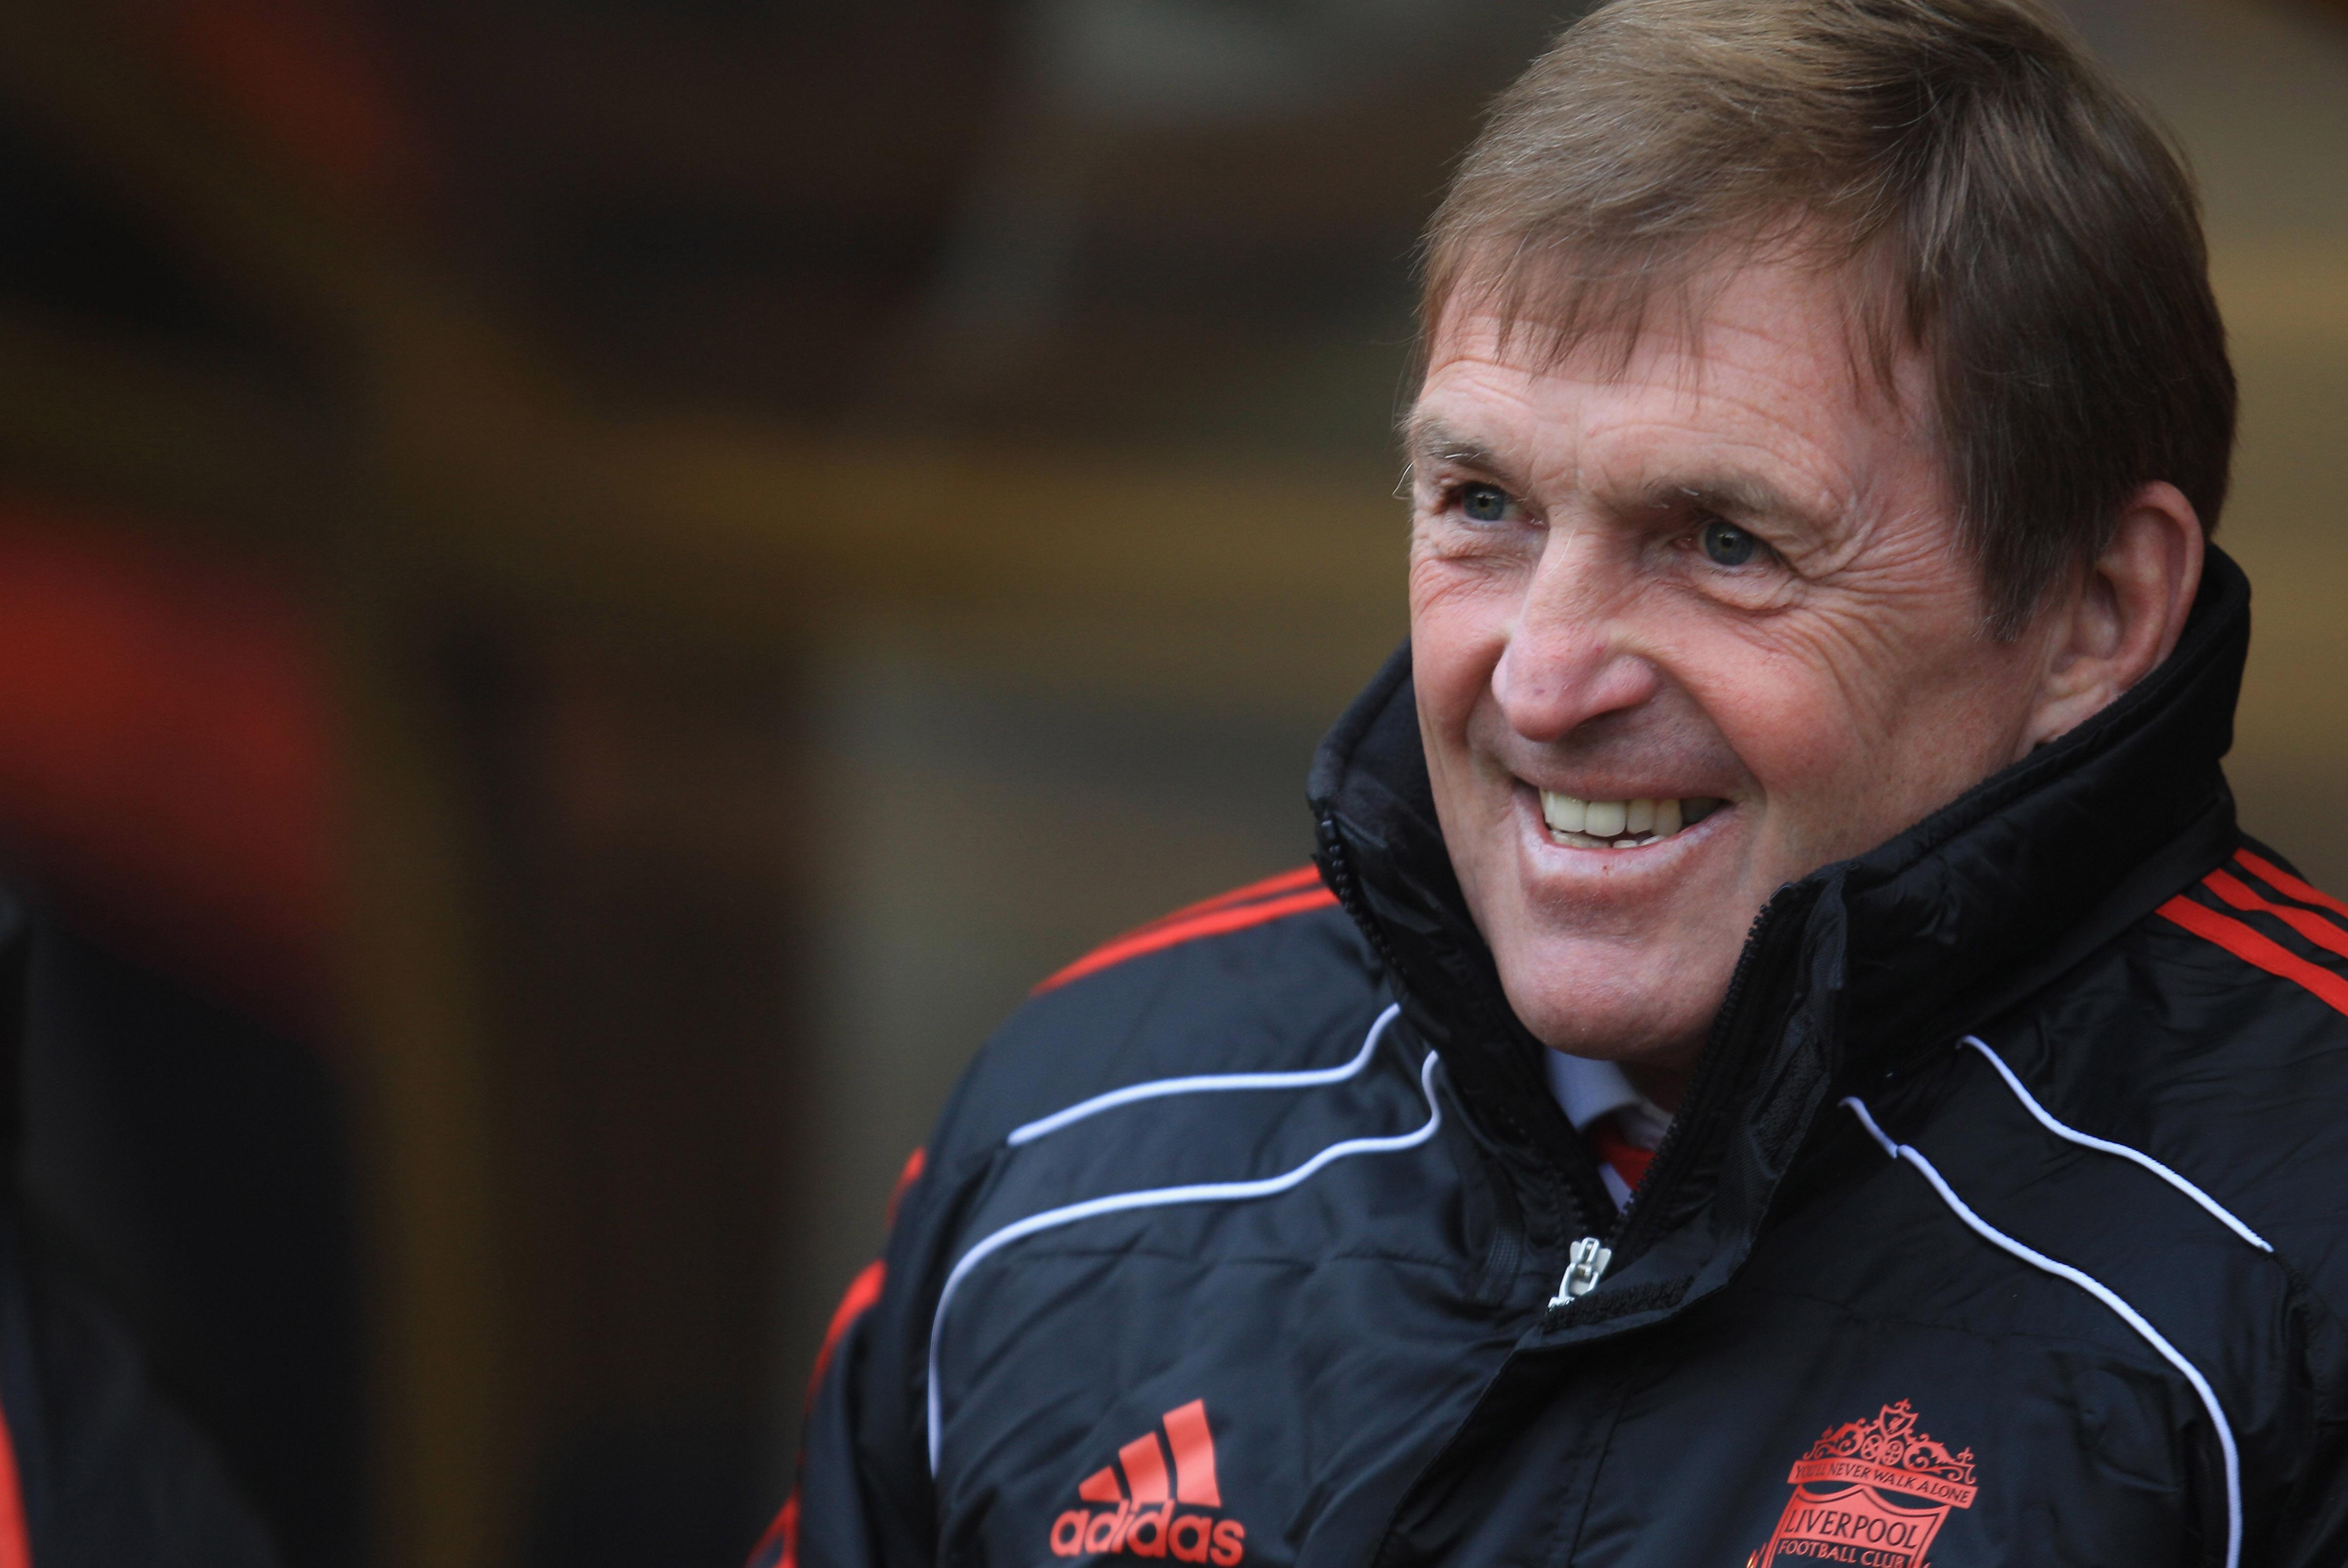 Mundurnya Dalglish, Penanda Kemunduran Prestasi Liverpool